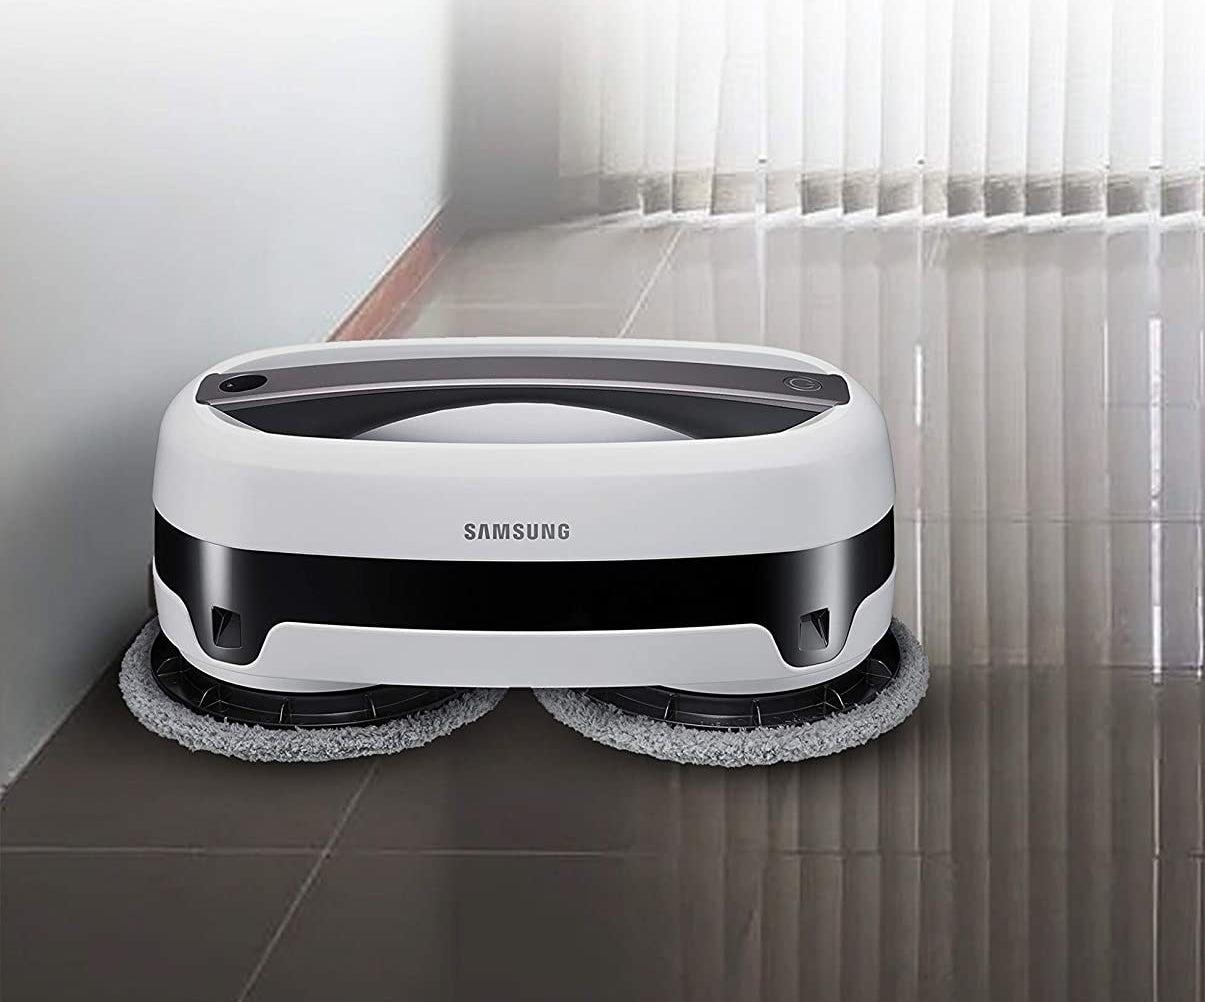 the samsung robot mop